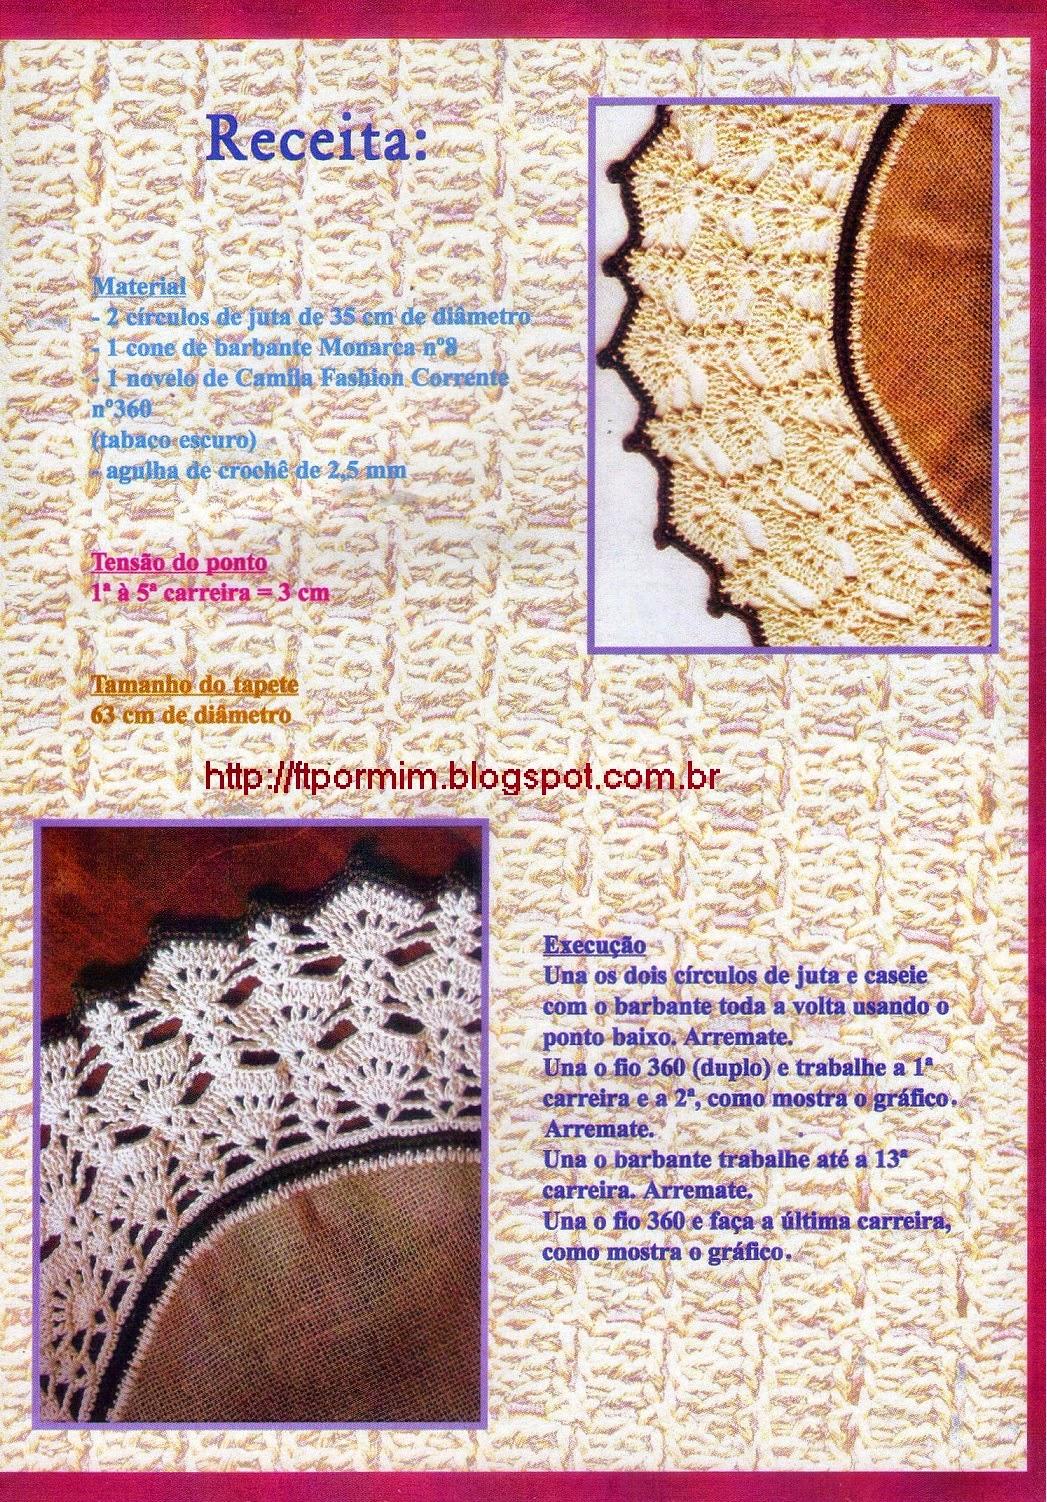 receita de tapete de sisal com barbante e crochê